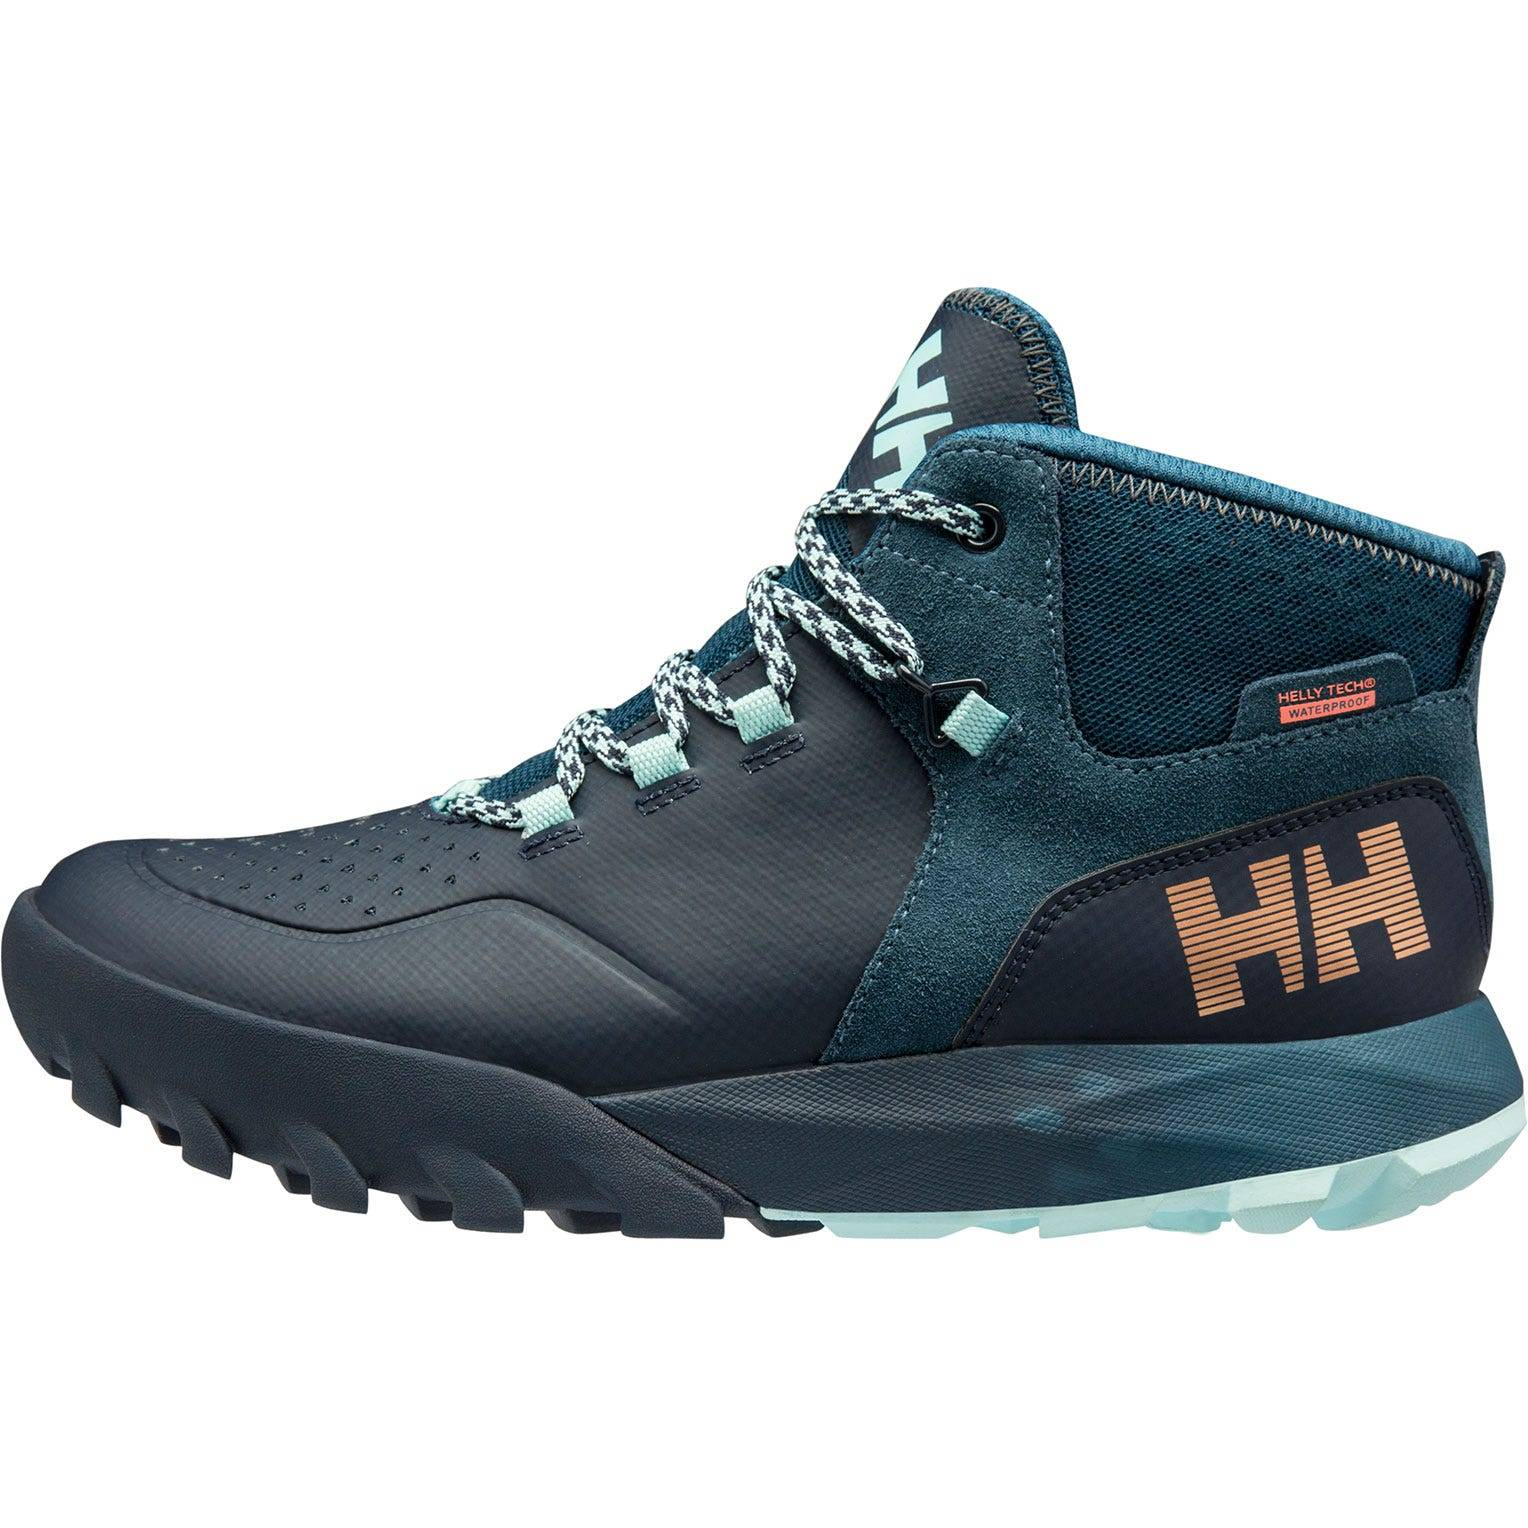 Helly Hansen W Loke Rambler Ht Womens Hiking Boot Navy 38/7